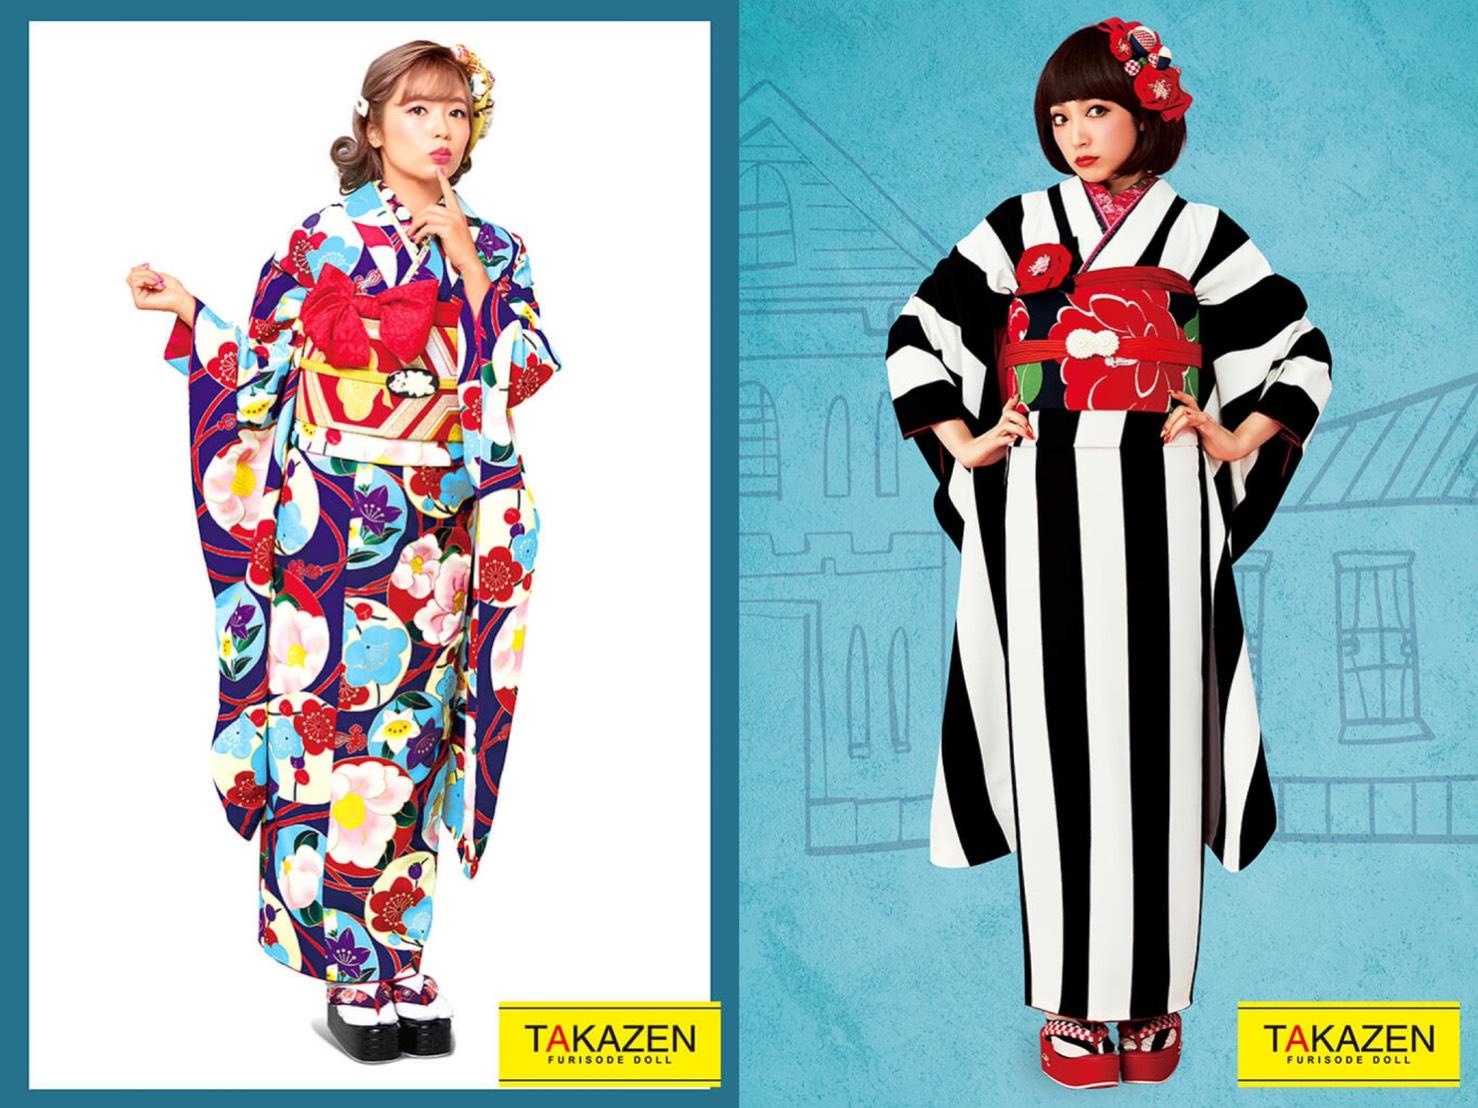 ♥4日 大阪堺で成人式 誰とも被りたくない色・柄をお探しならTAKAZEN堺店♥